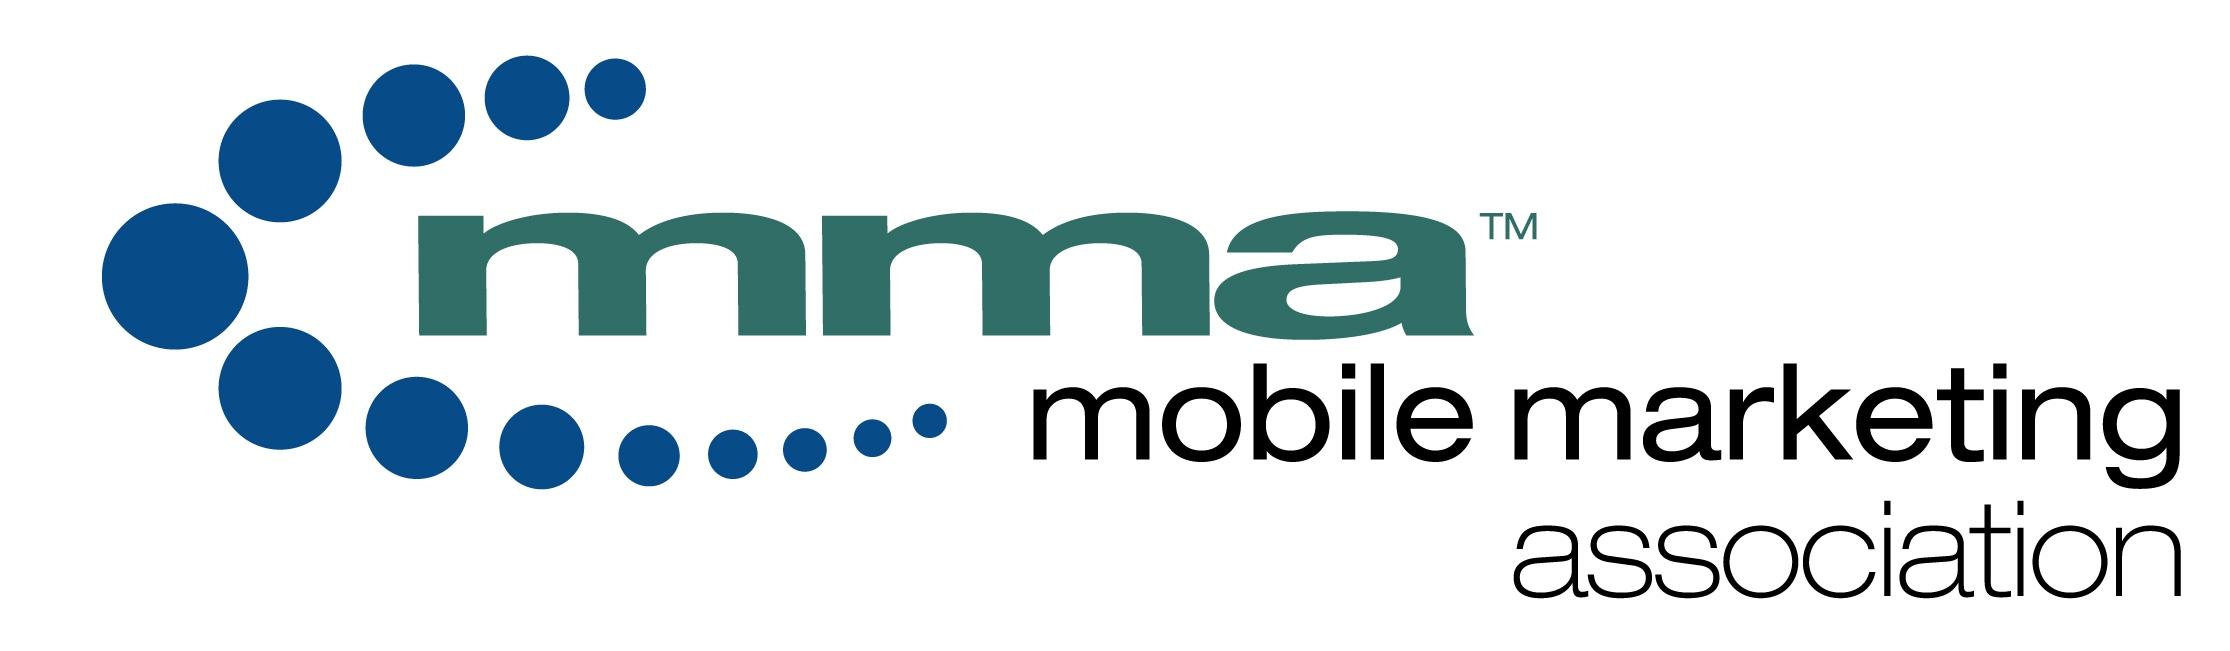 II estudio de inversión y marketing en publicidad móvil de la MMA 7